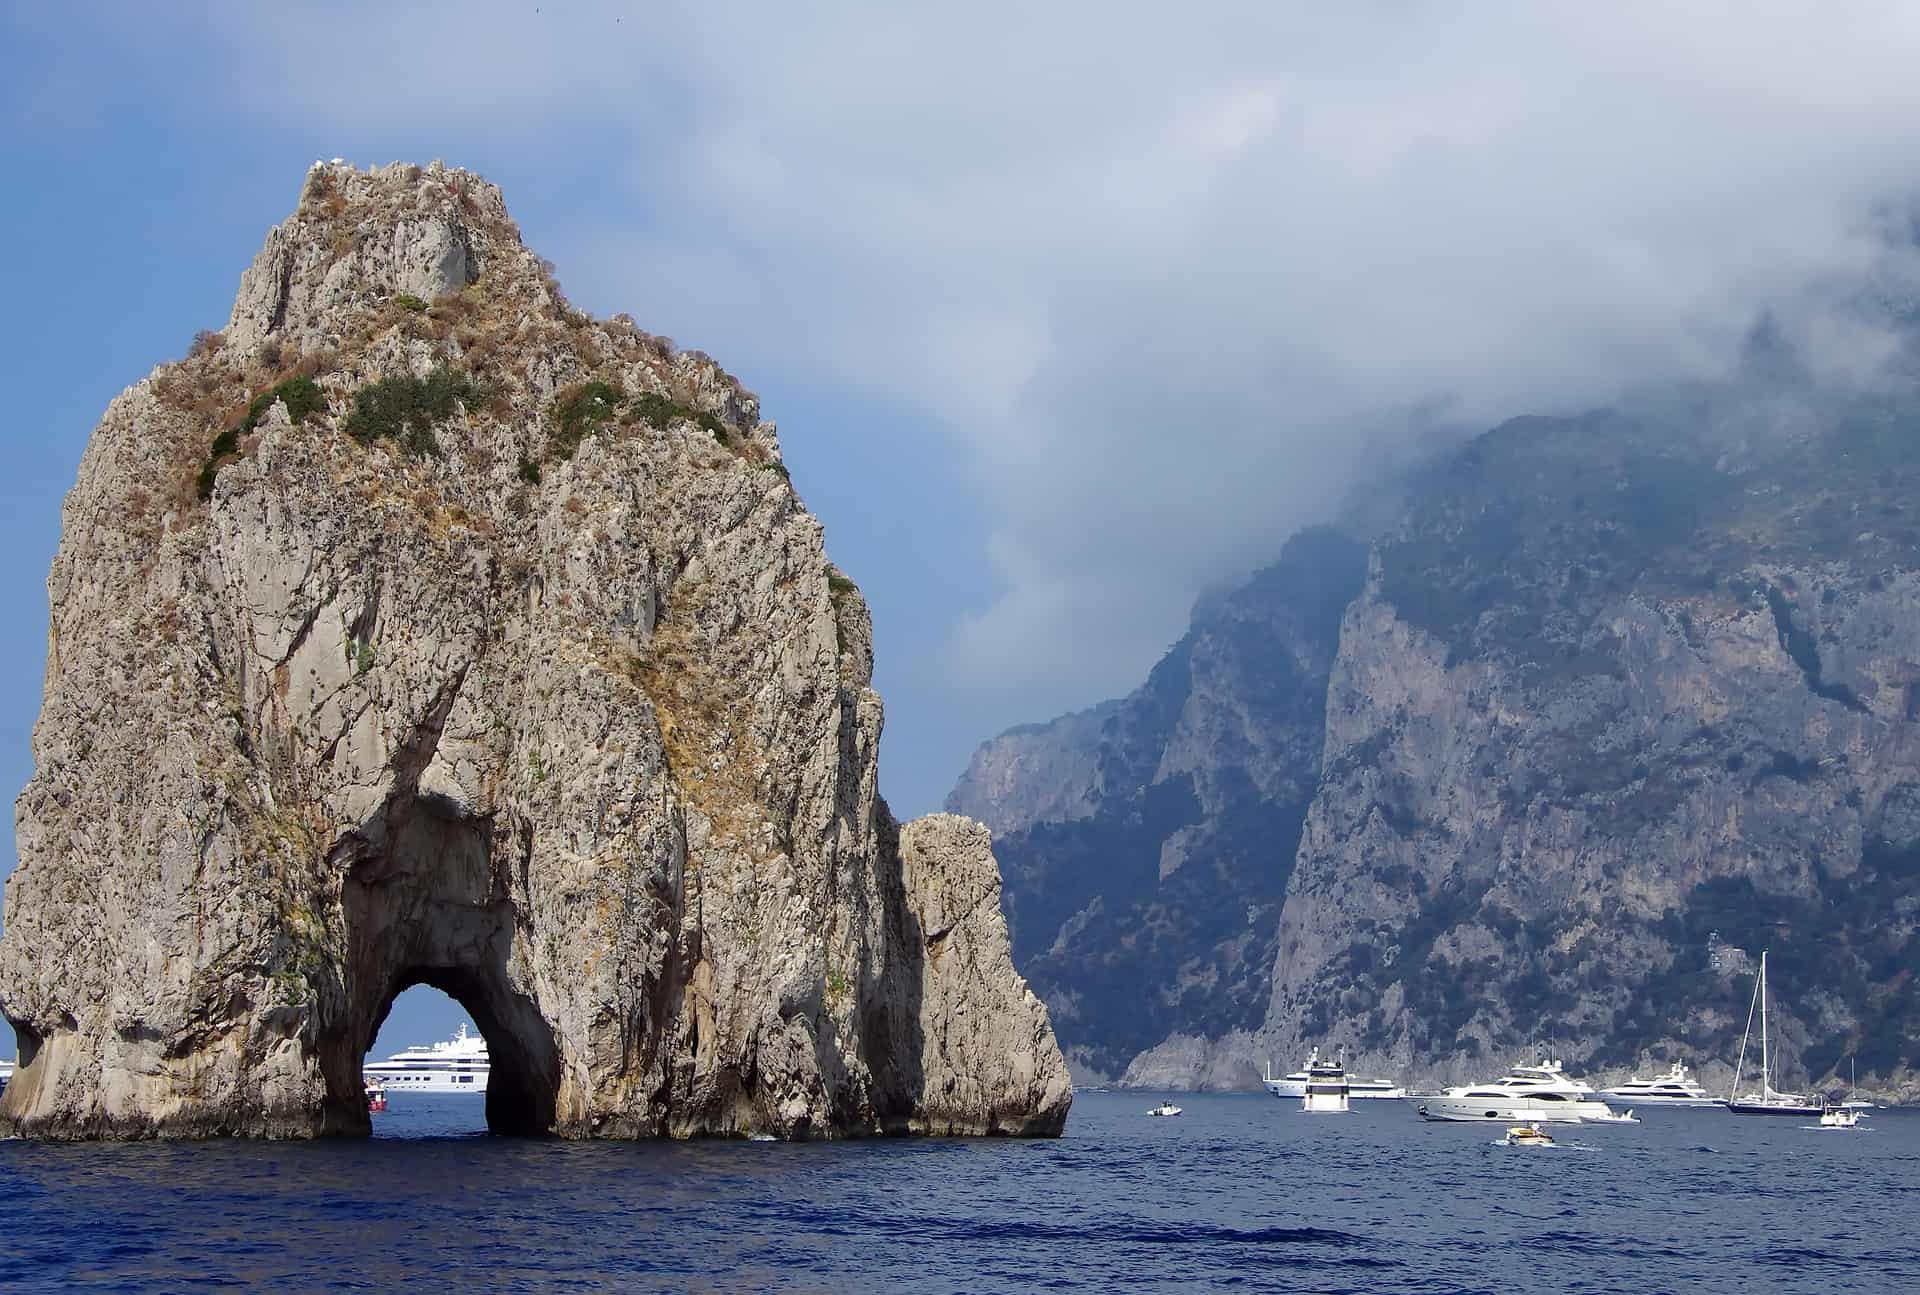 Vacanze low cost? Niente Capri: è la metà più costosa in Italia